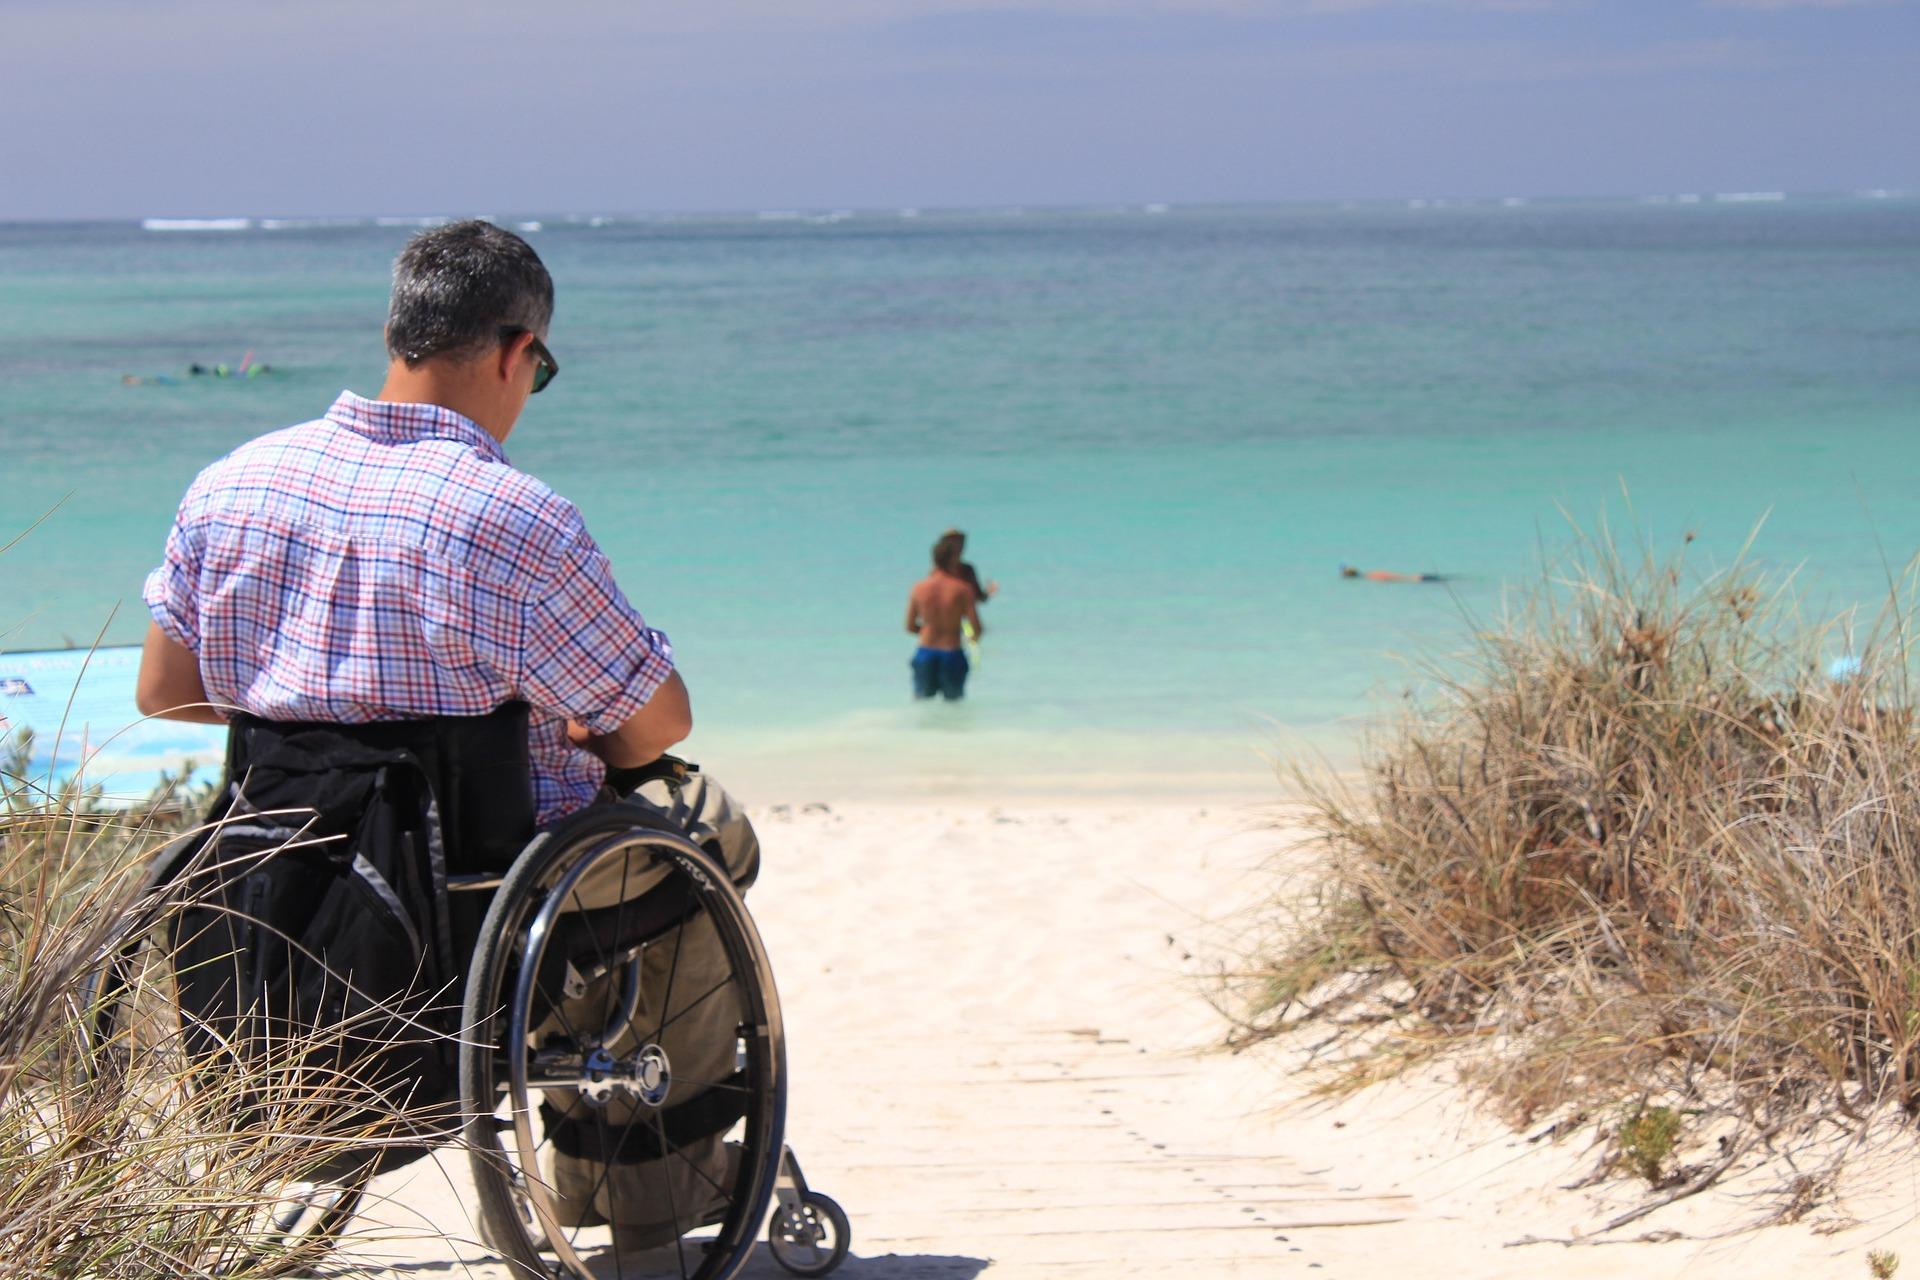 Viagem acessível: um guia para turistas com mobilidade reduzida